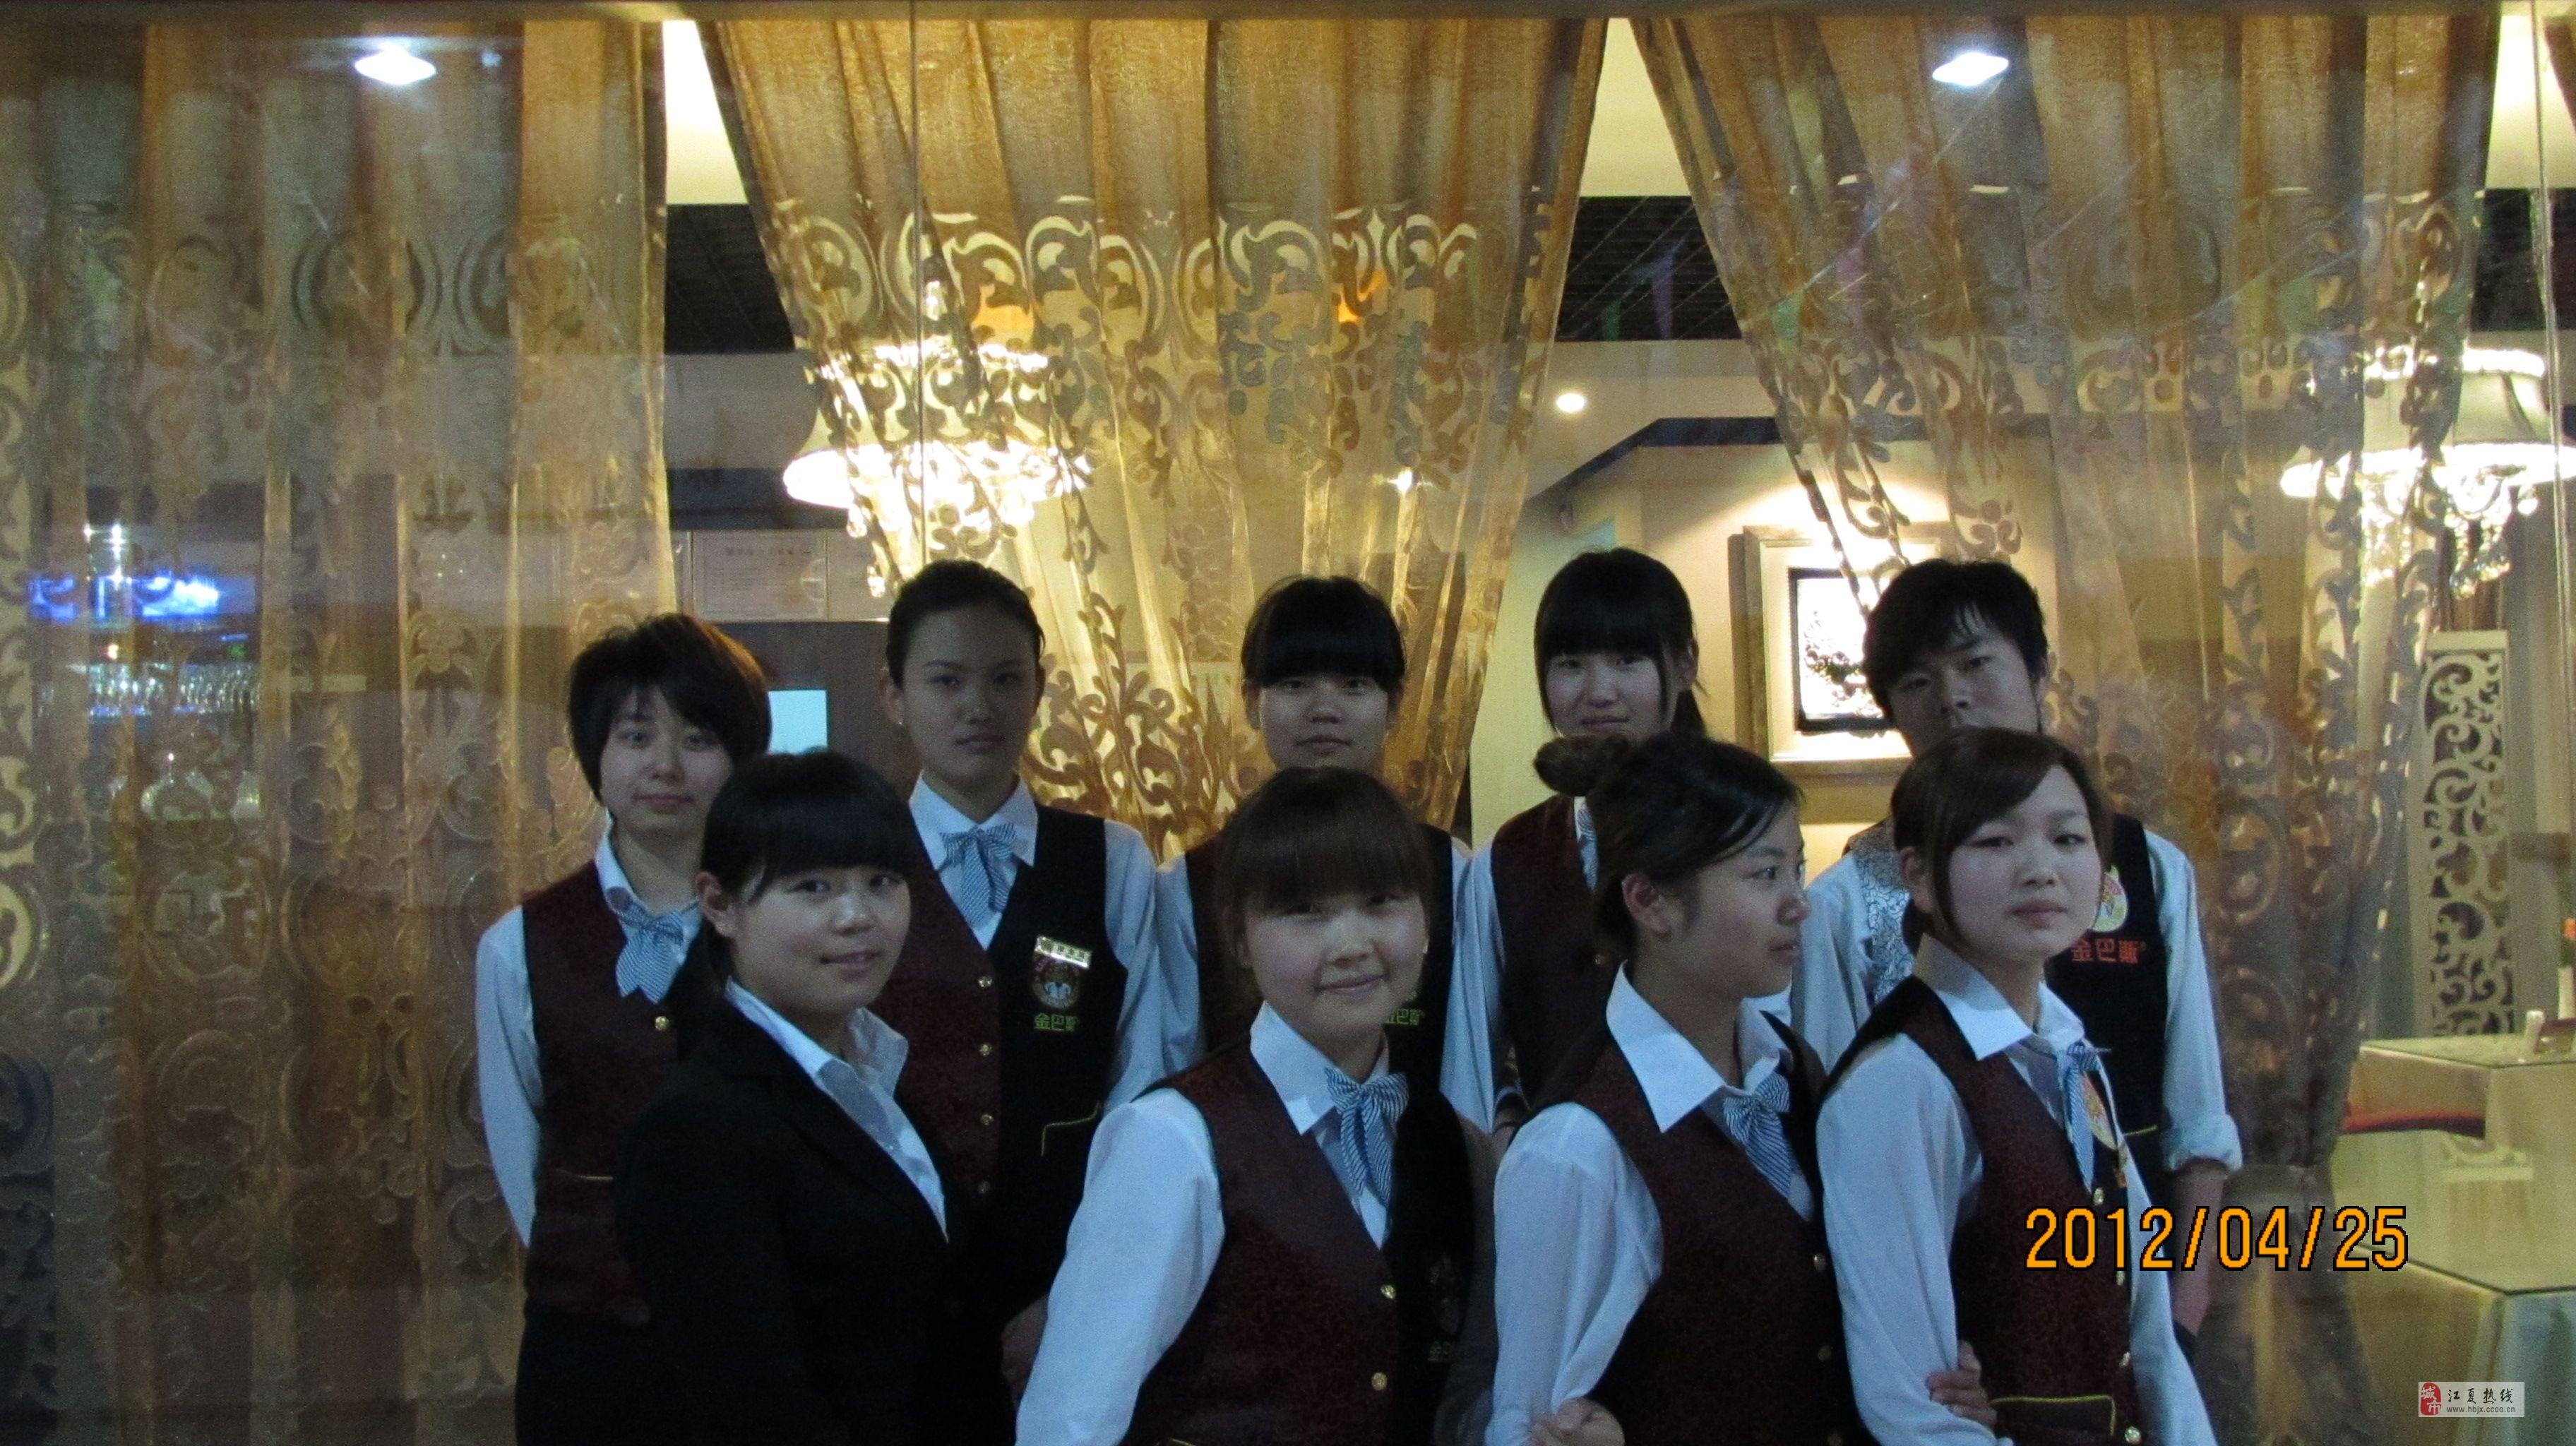 西餐厅服务员_西餐厅服务员服装_欧式西餐厅服务员服装